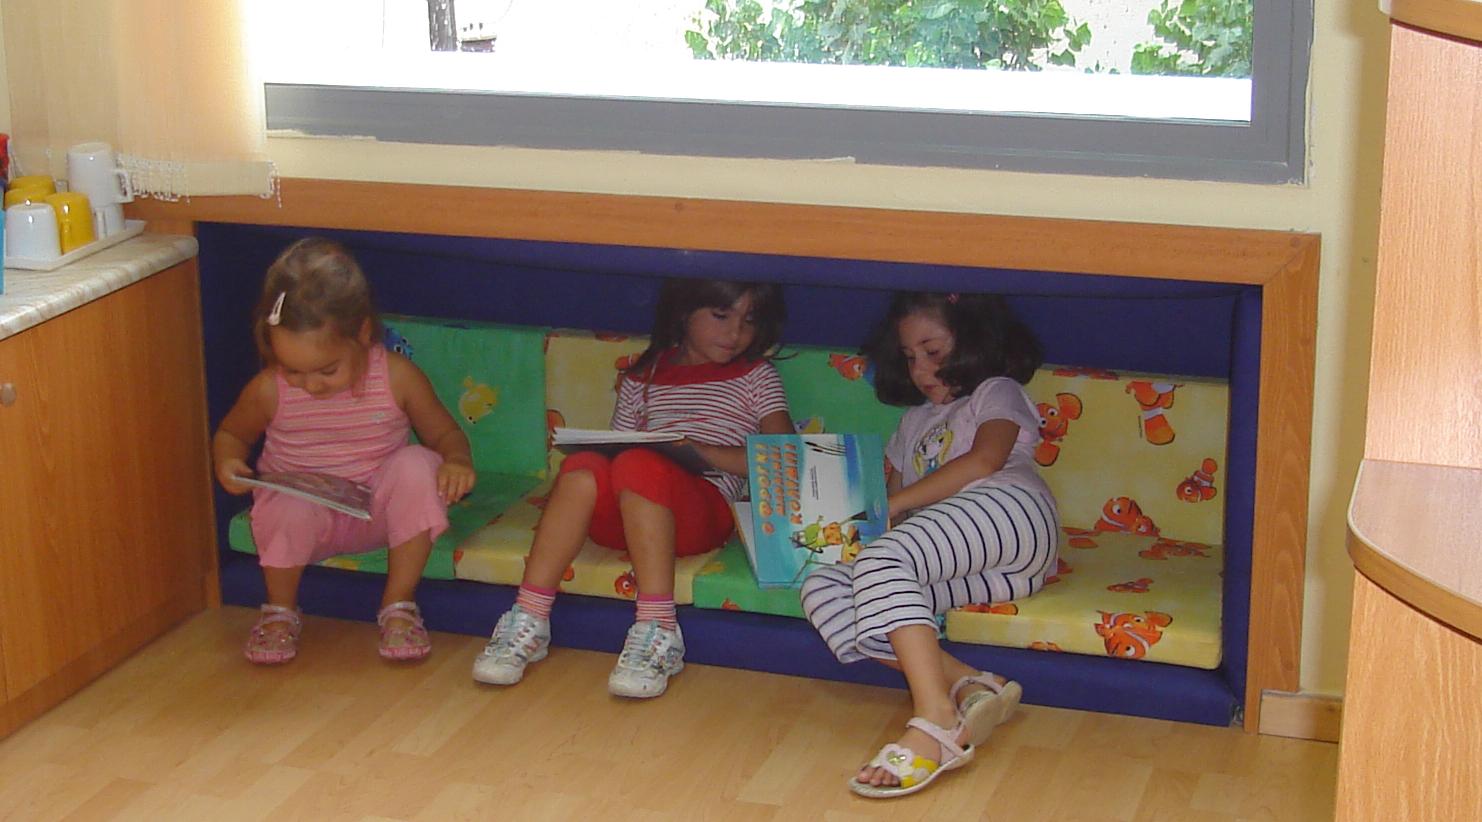 """Ecole maternelle du """"Centre de l'Enfant"""", après : activité spontanée dans le lieu éducatif que les enfants appellent """"la niche"""""""